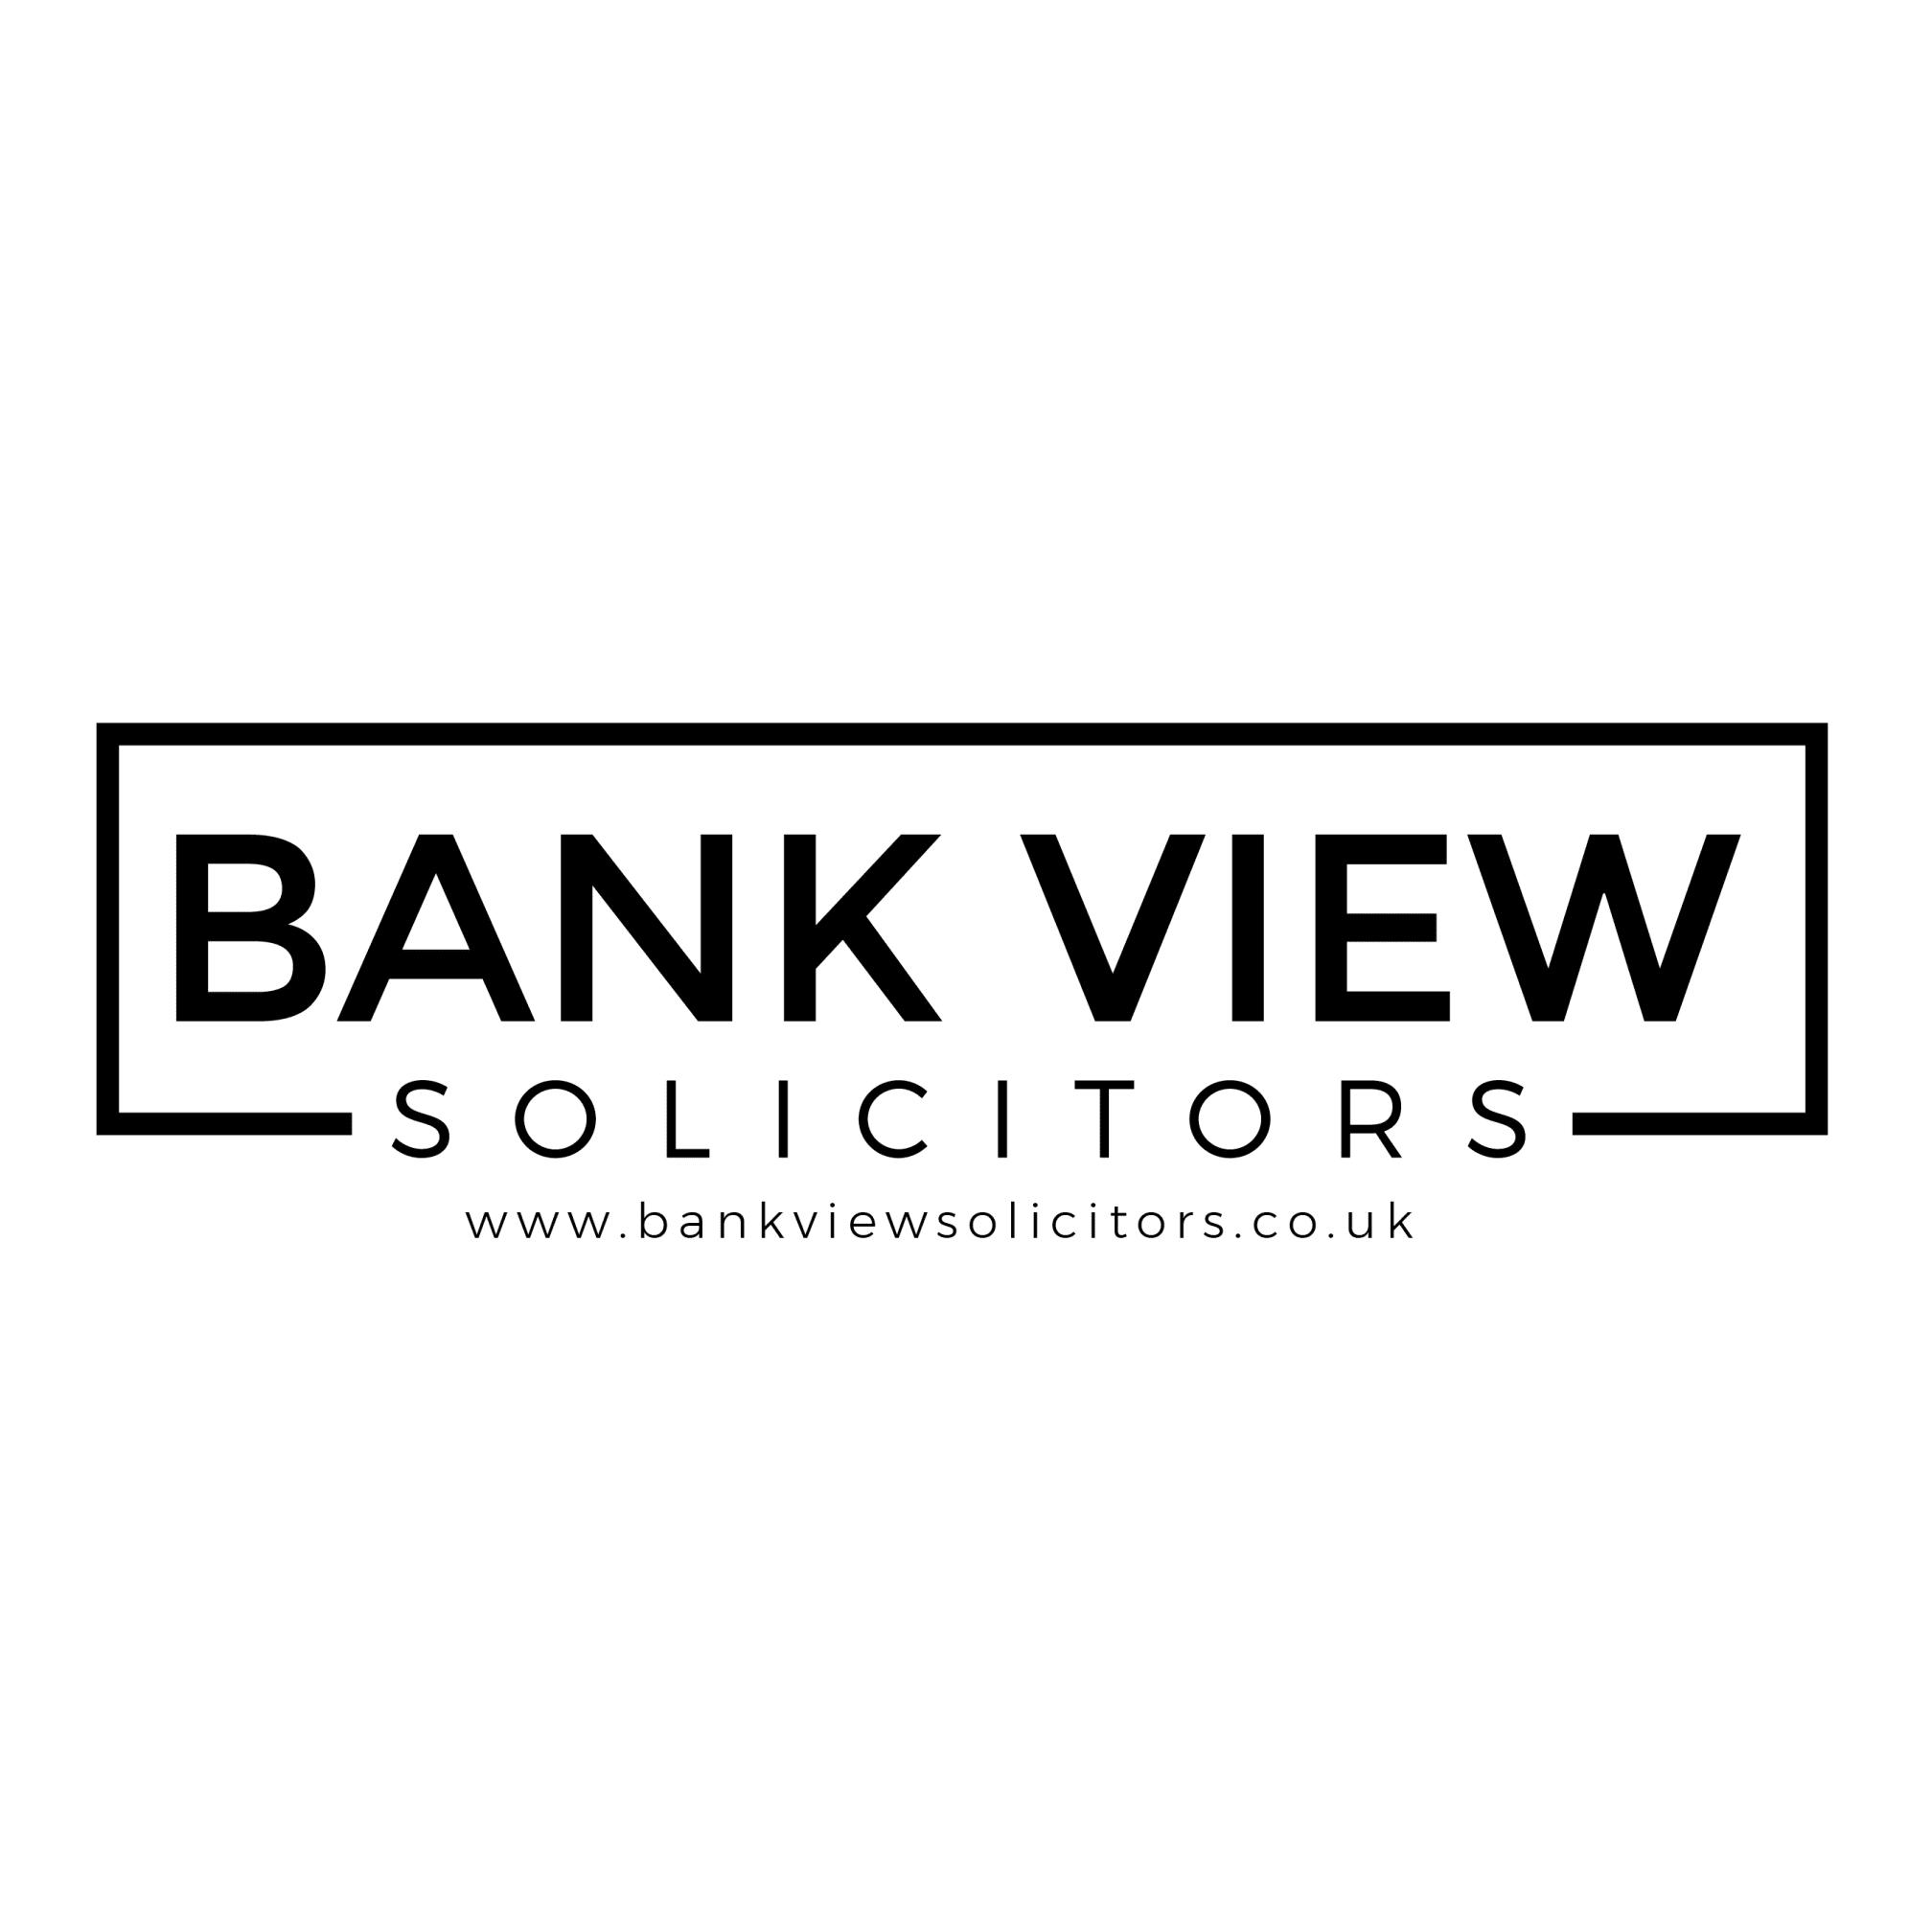 Bank View Solicitors - Blackburn, Lancashire BB2 6AY - 01254 660000 | ShowMeLocal.com